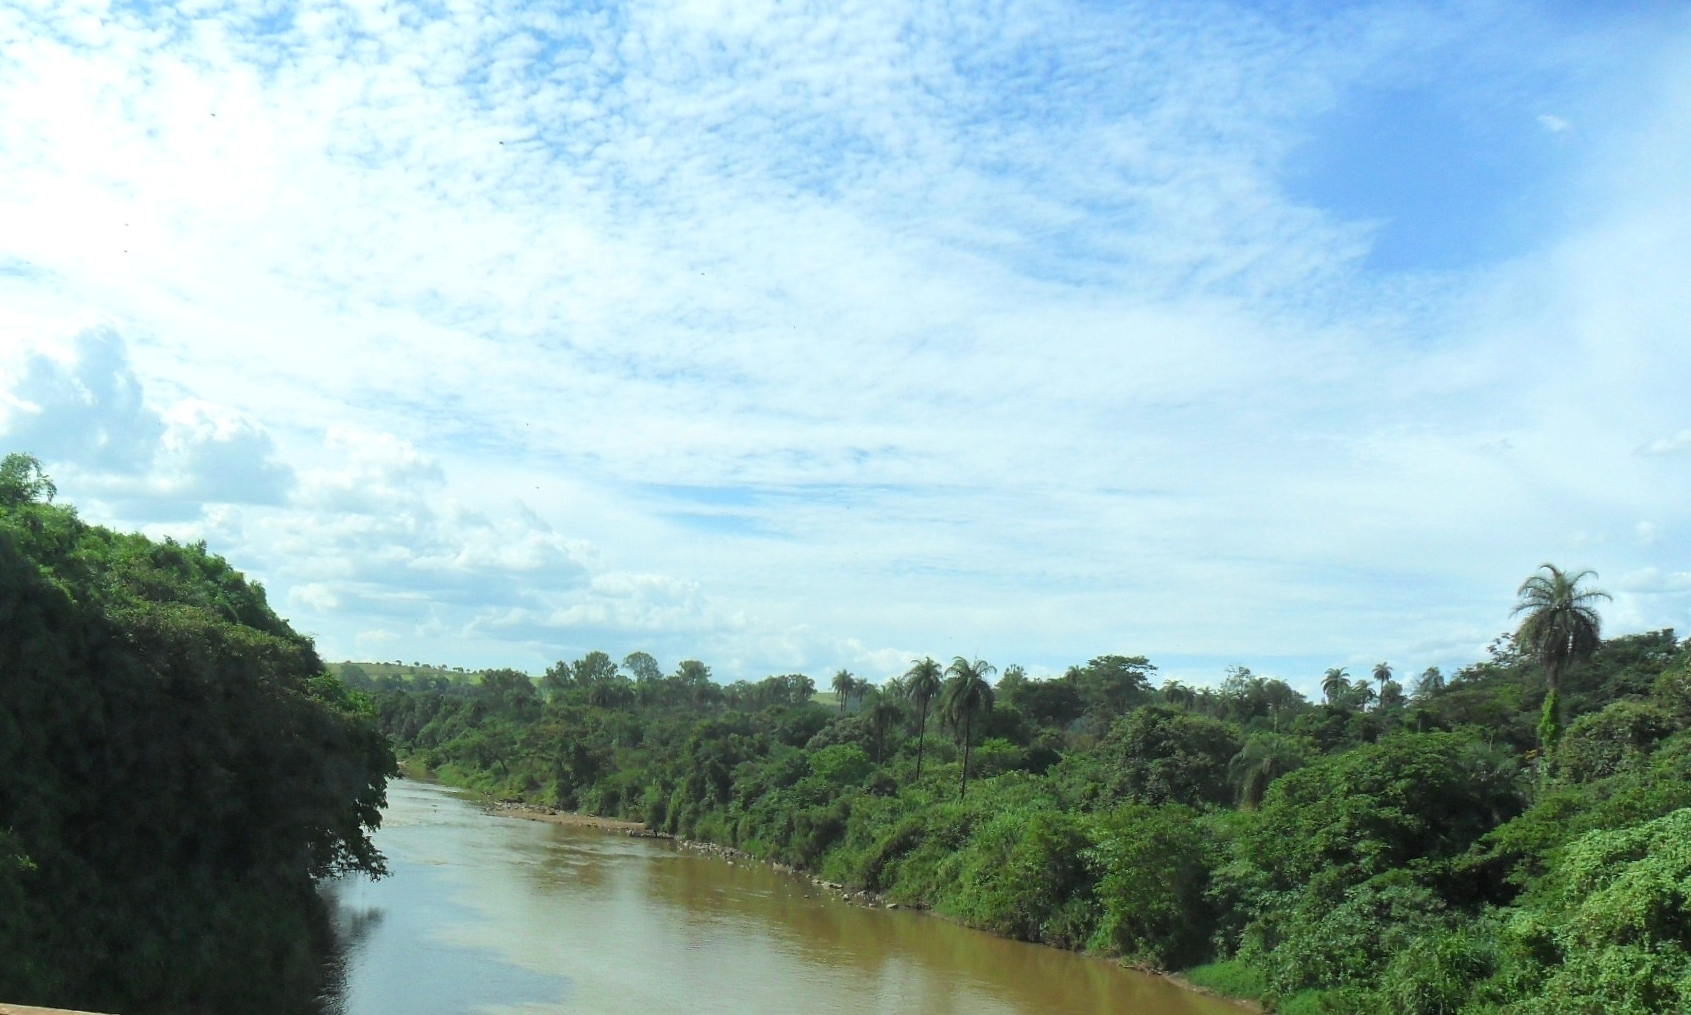 Rio Paraopeba na divisa dos municípios de Betim e São Joaquim de Bicas em Minas Gerais, Brasil